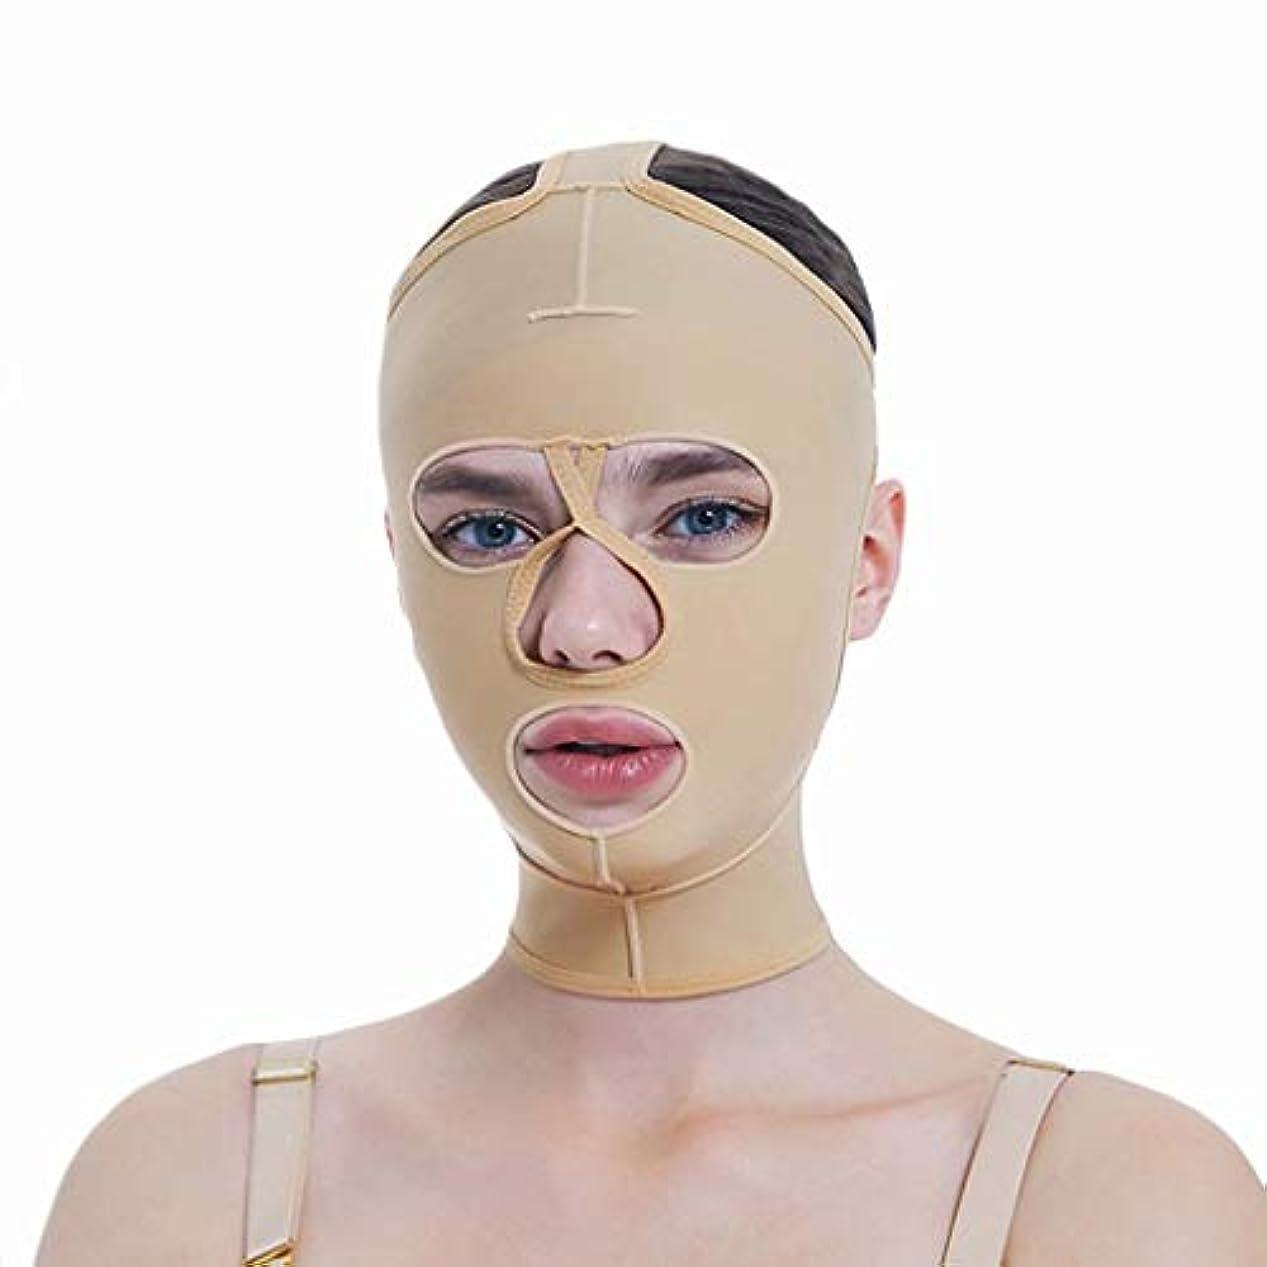 啓発する近似フリッパーフェイシャル減量マスク、フルカバレッジ包帯、フルフェイスリフティングマスク、フェイスマスク、快適で リフティングシェーピング(サイズ:S),S